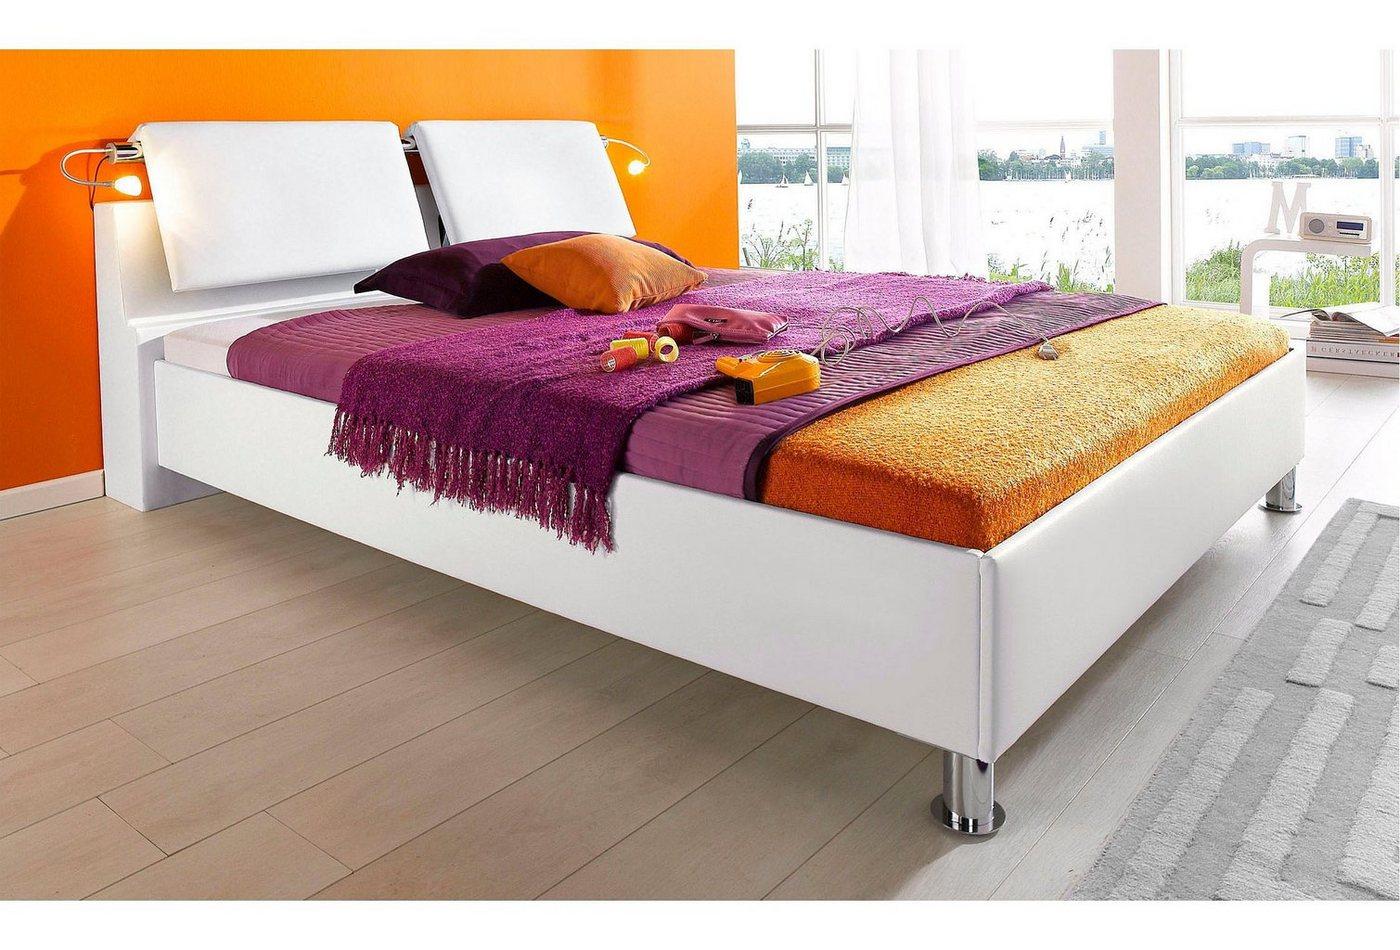 Bed, met verschillende soorten matrassen